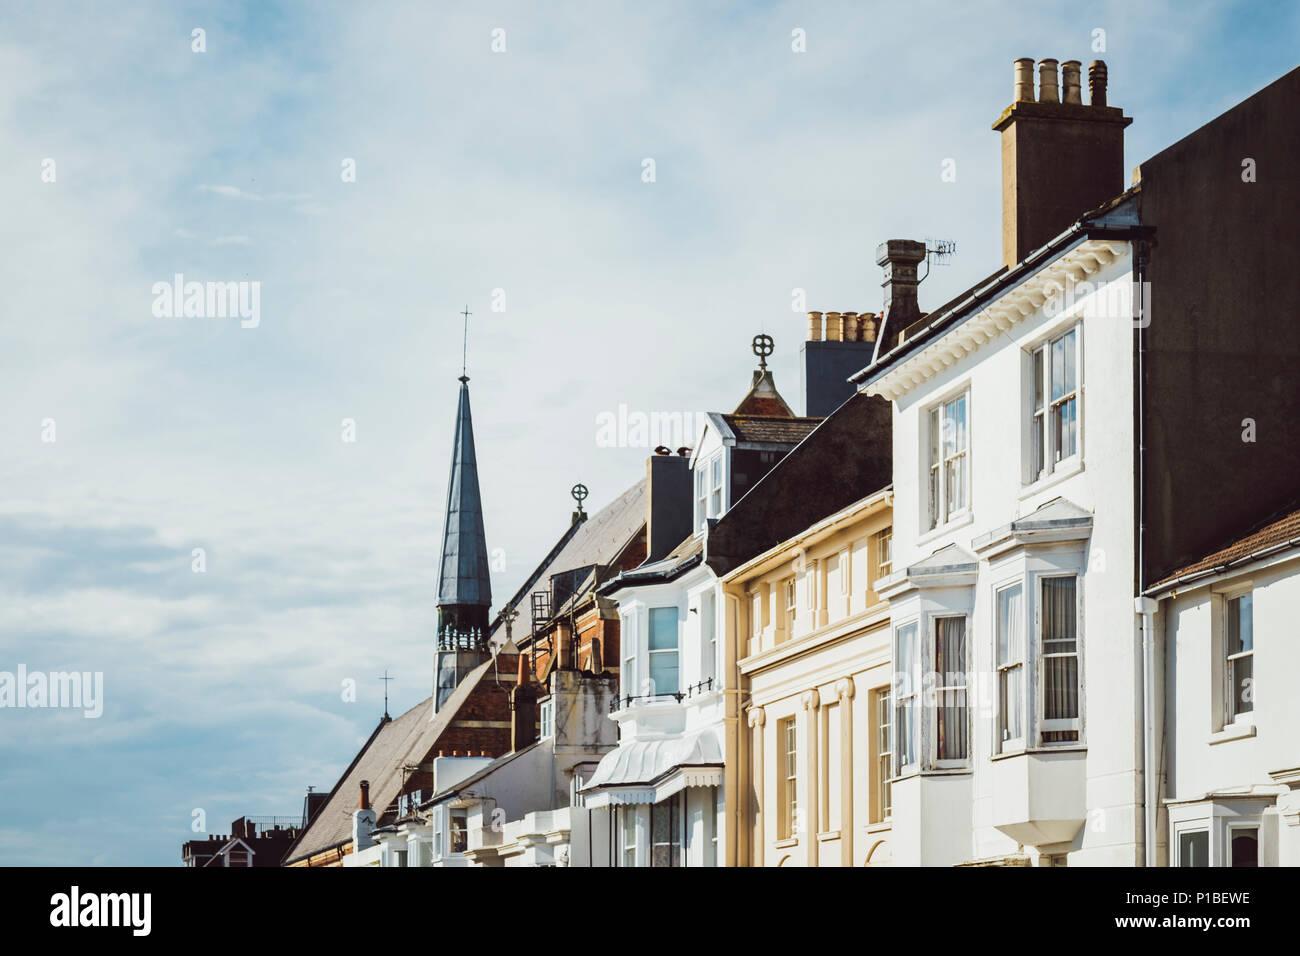 Britische Architektur, Fassaden, Schornsteine, Brighton, England Stockfoto